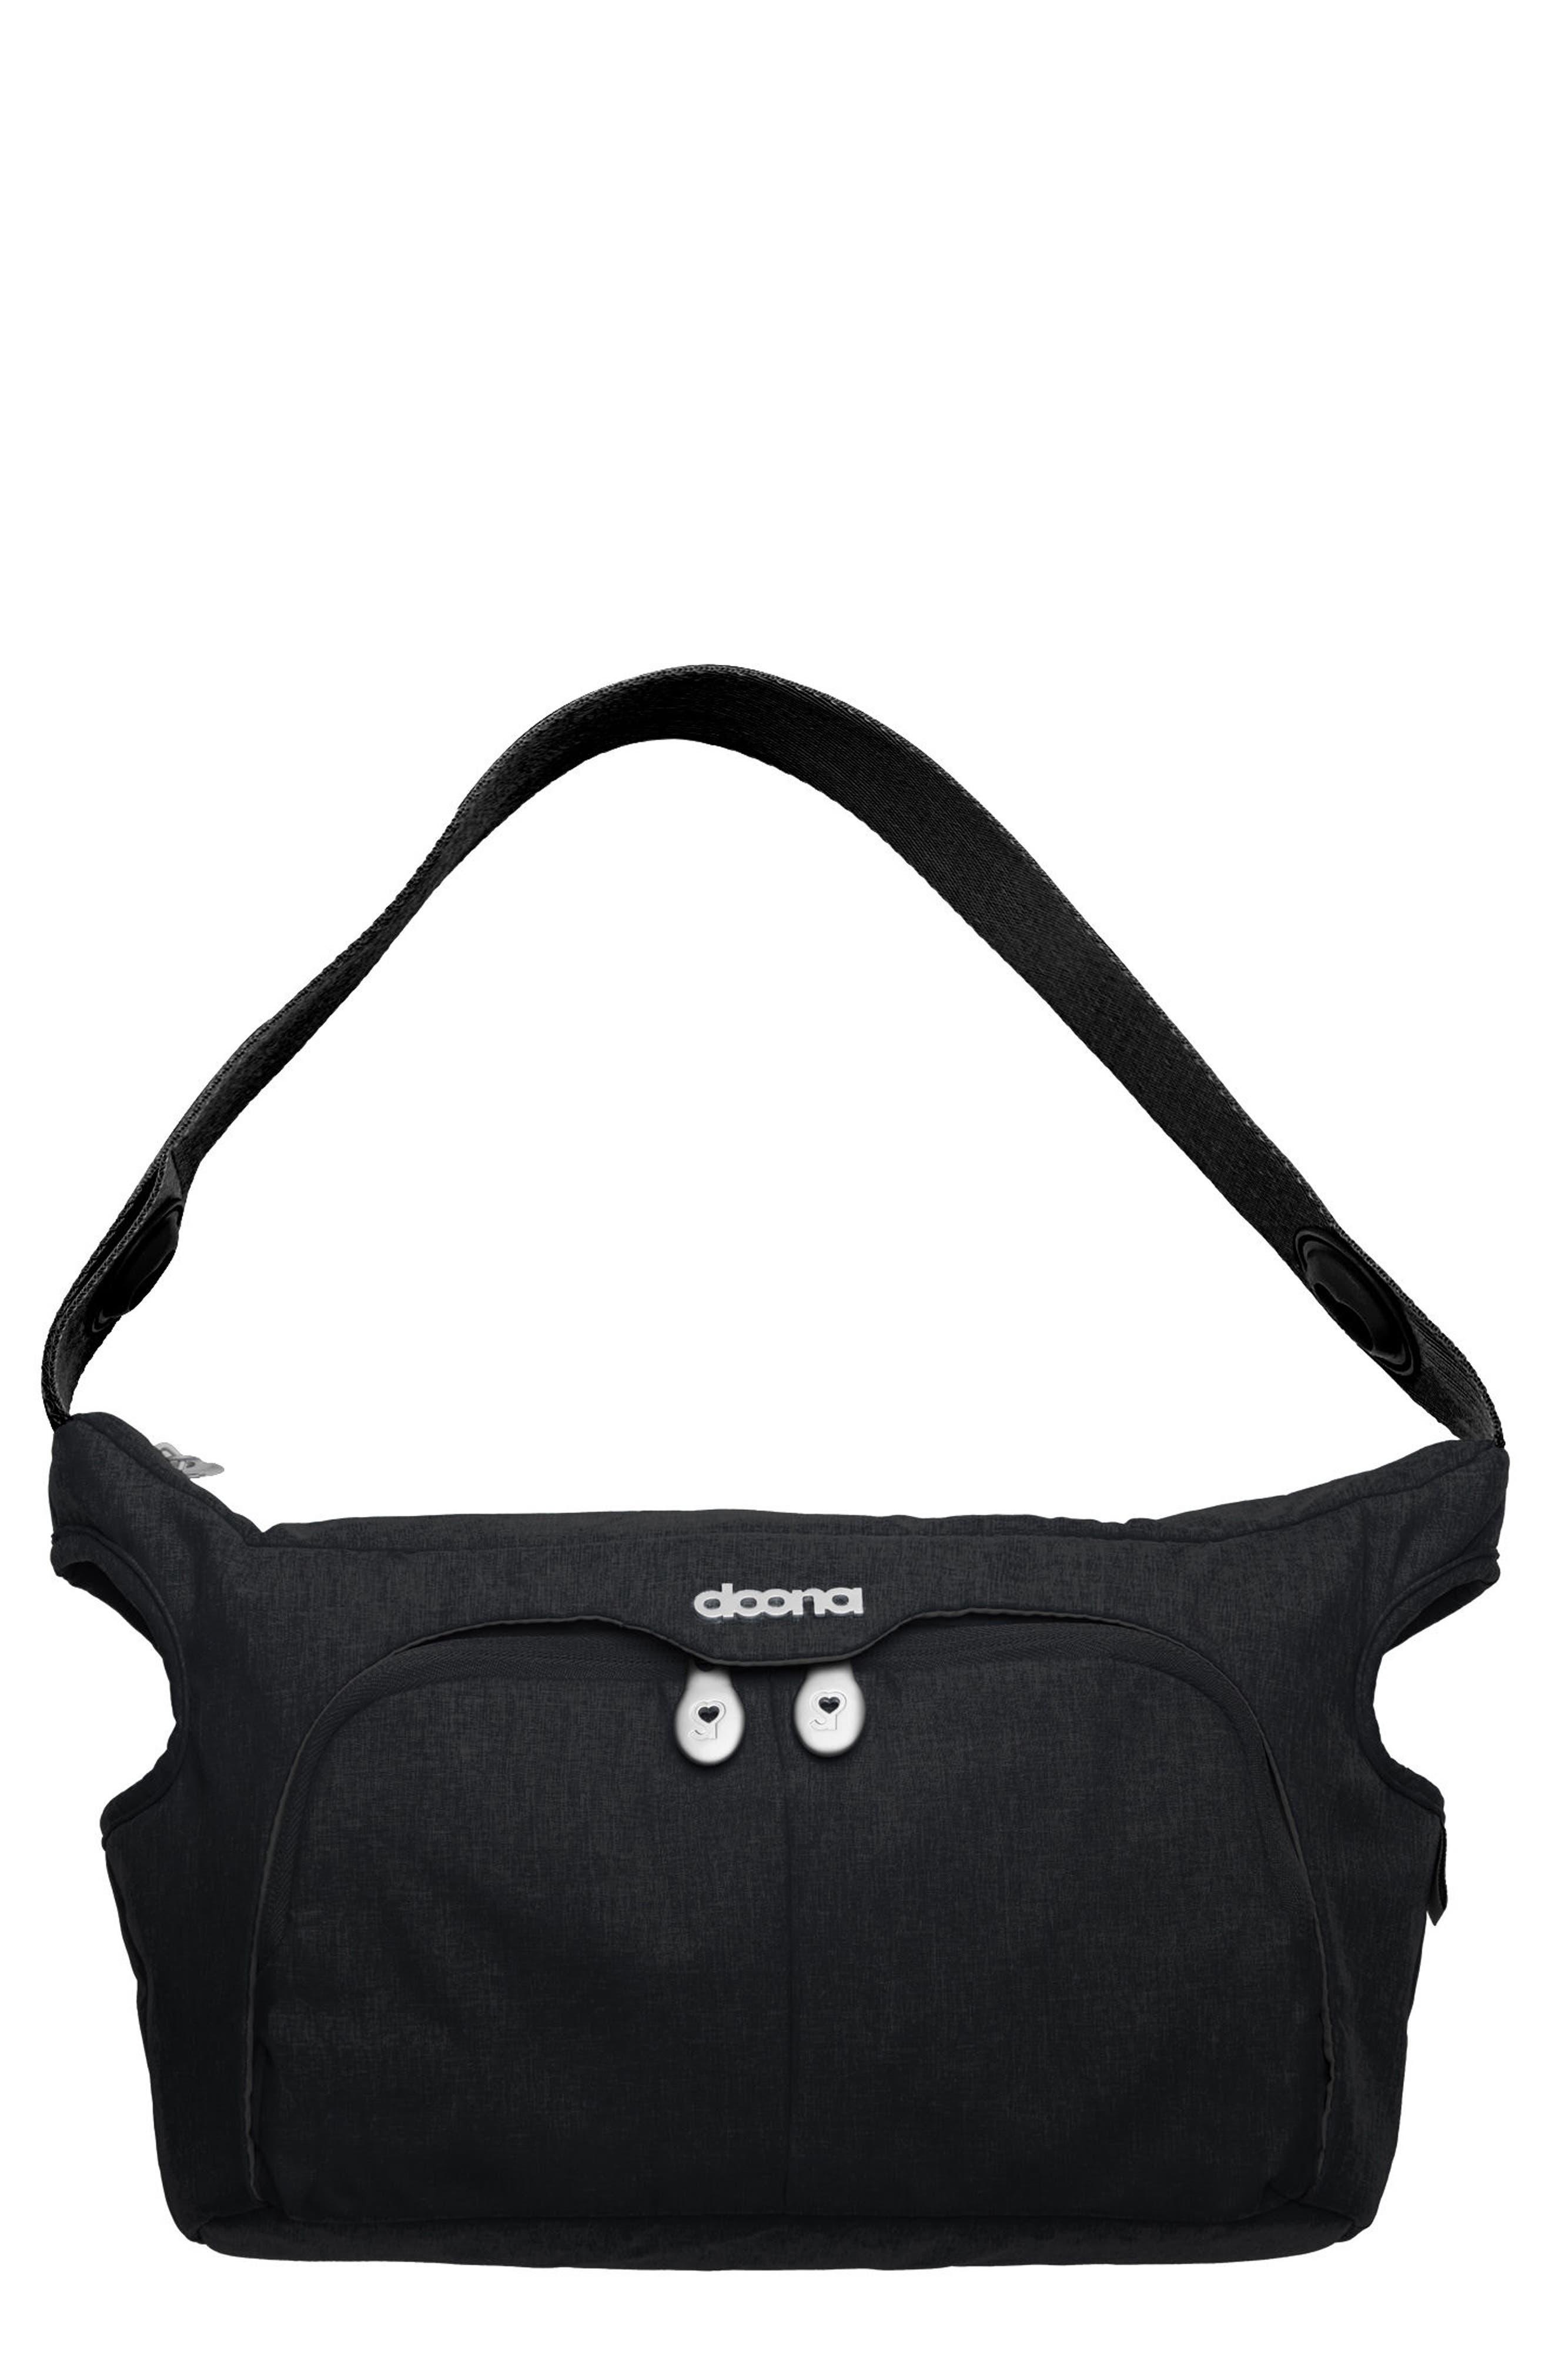 DOONA Essentials Bag, Main, color, 001